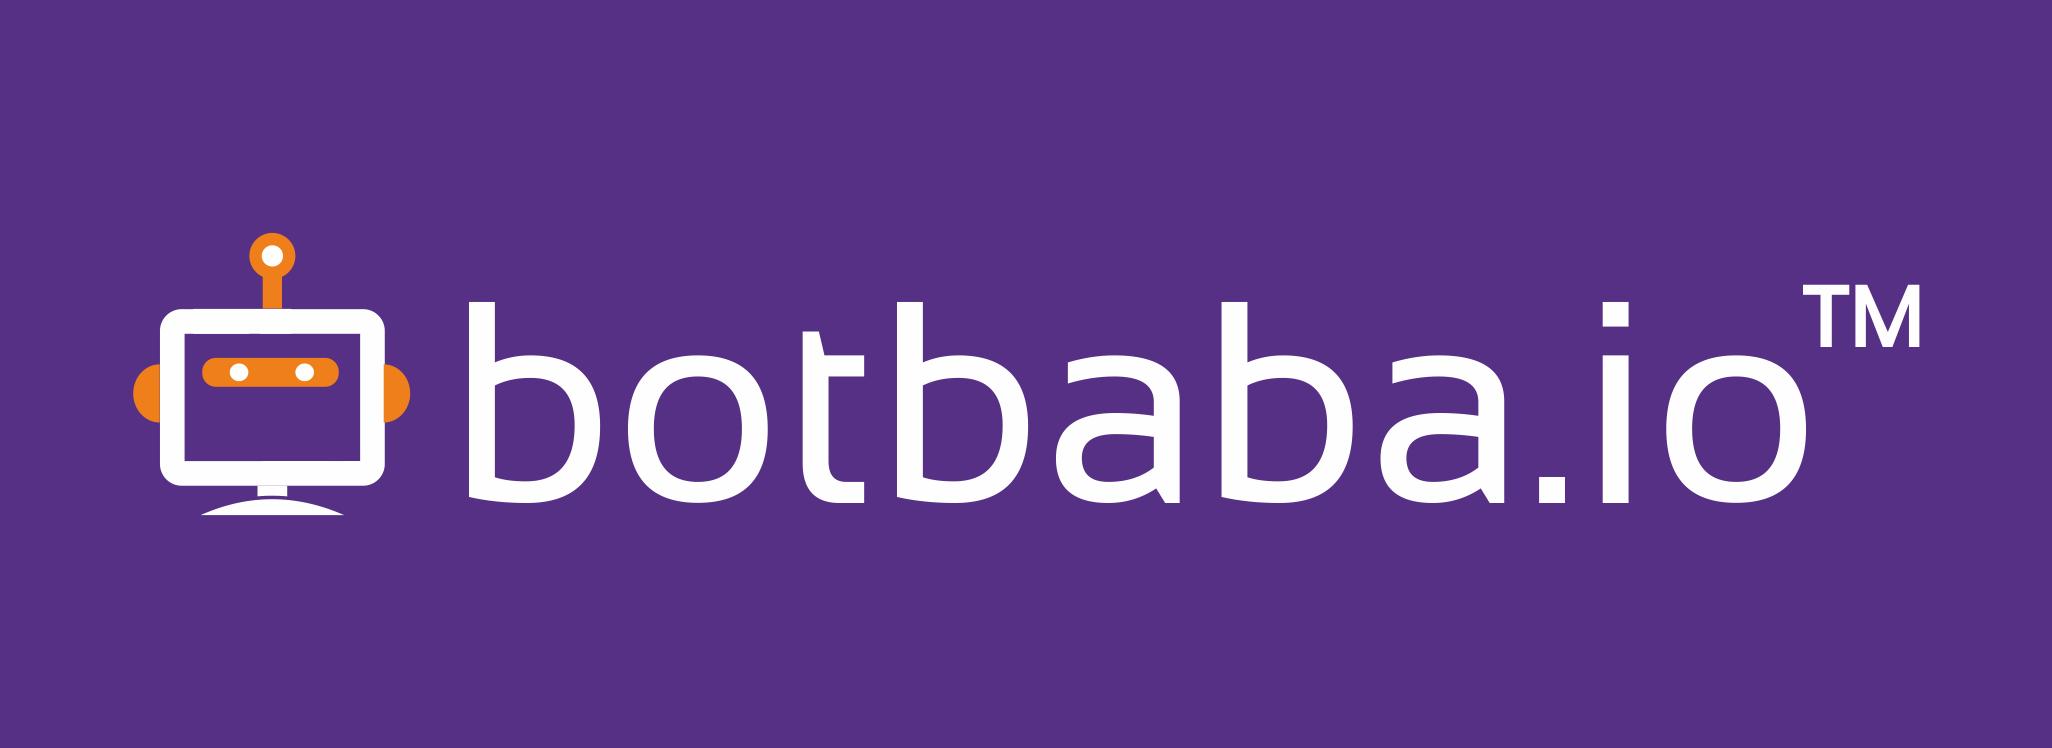 botbaba.io, a chatbot developer